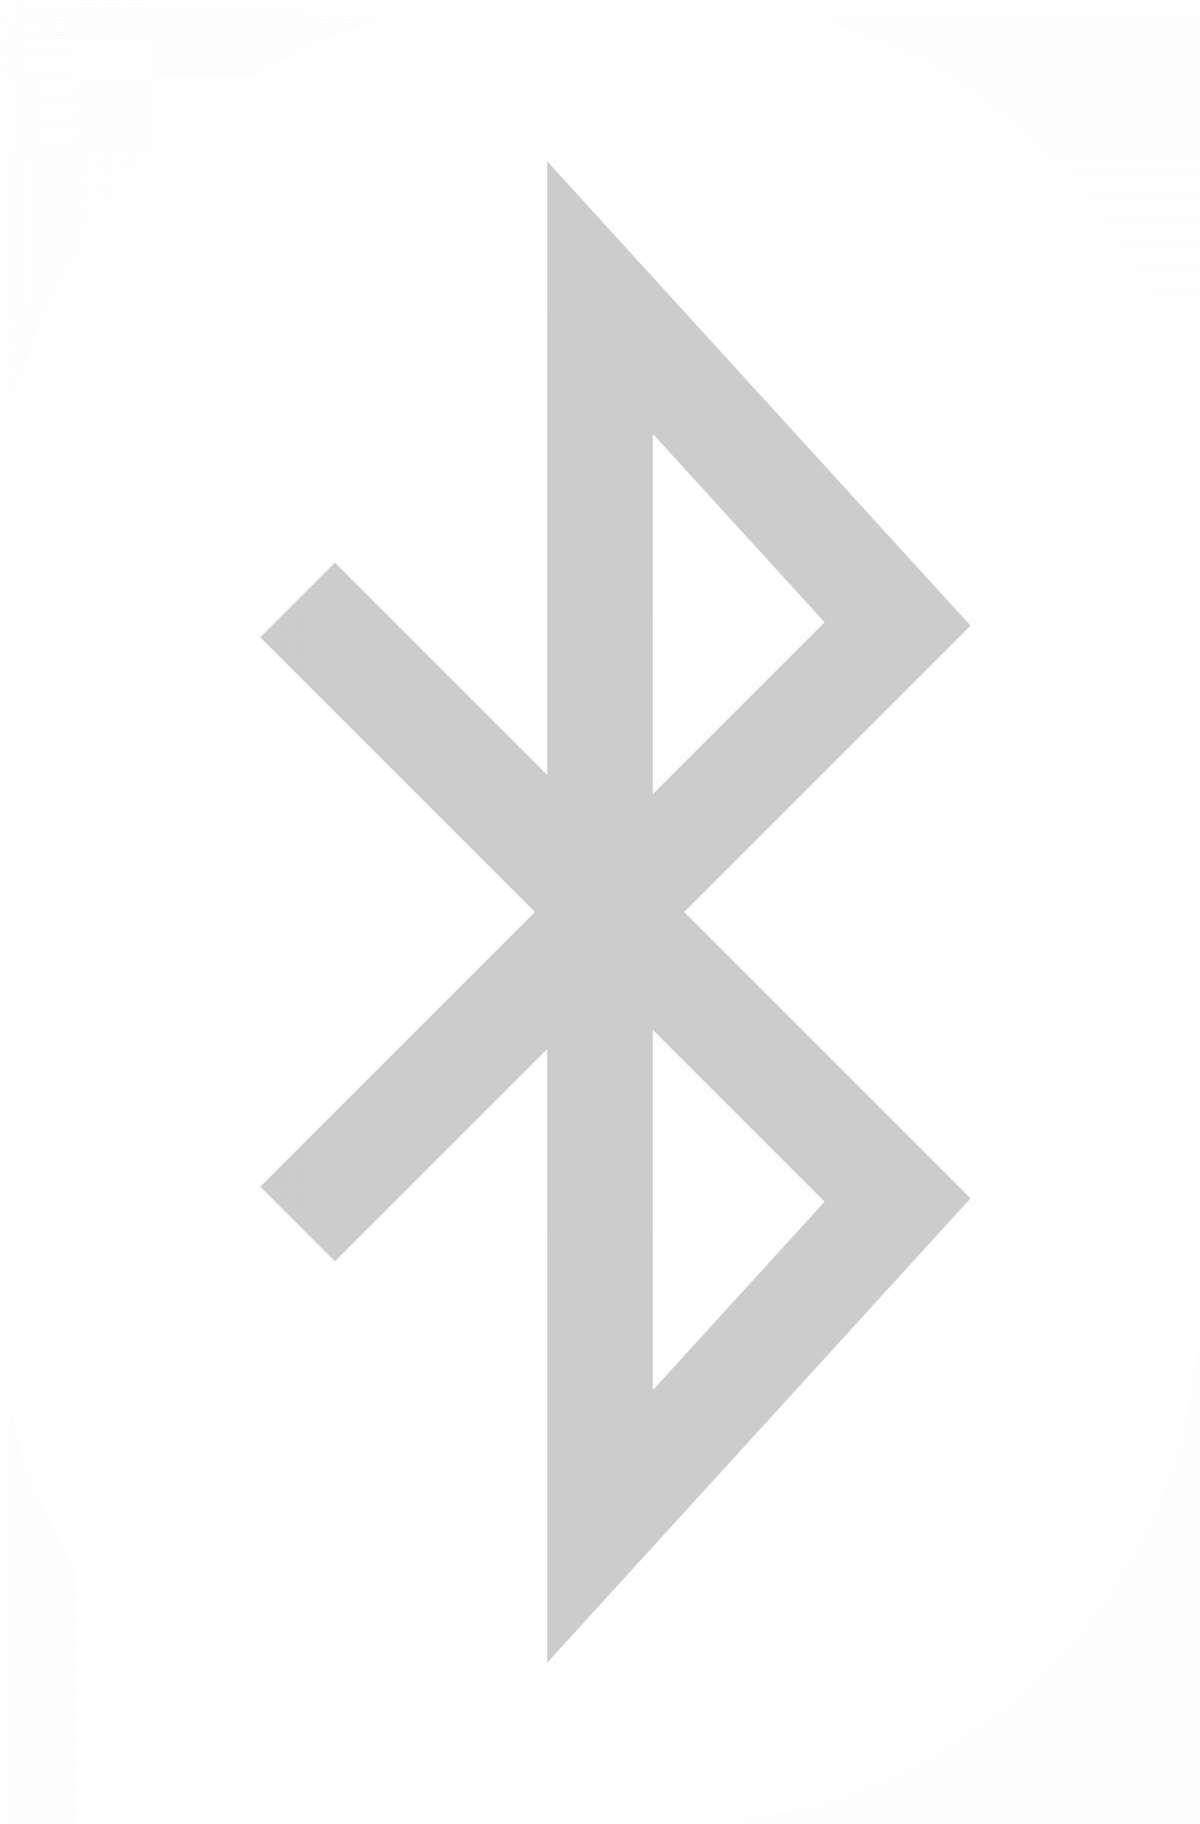 Tik Tok Logo Png Image Youtube Logo Snapchat Logo Logo Sticker